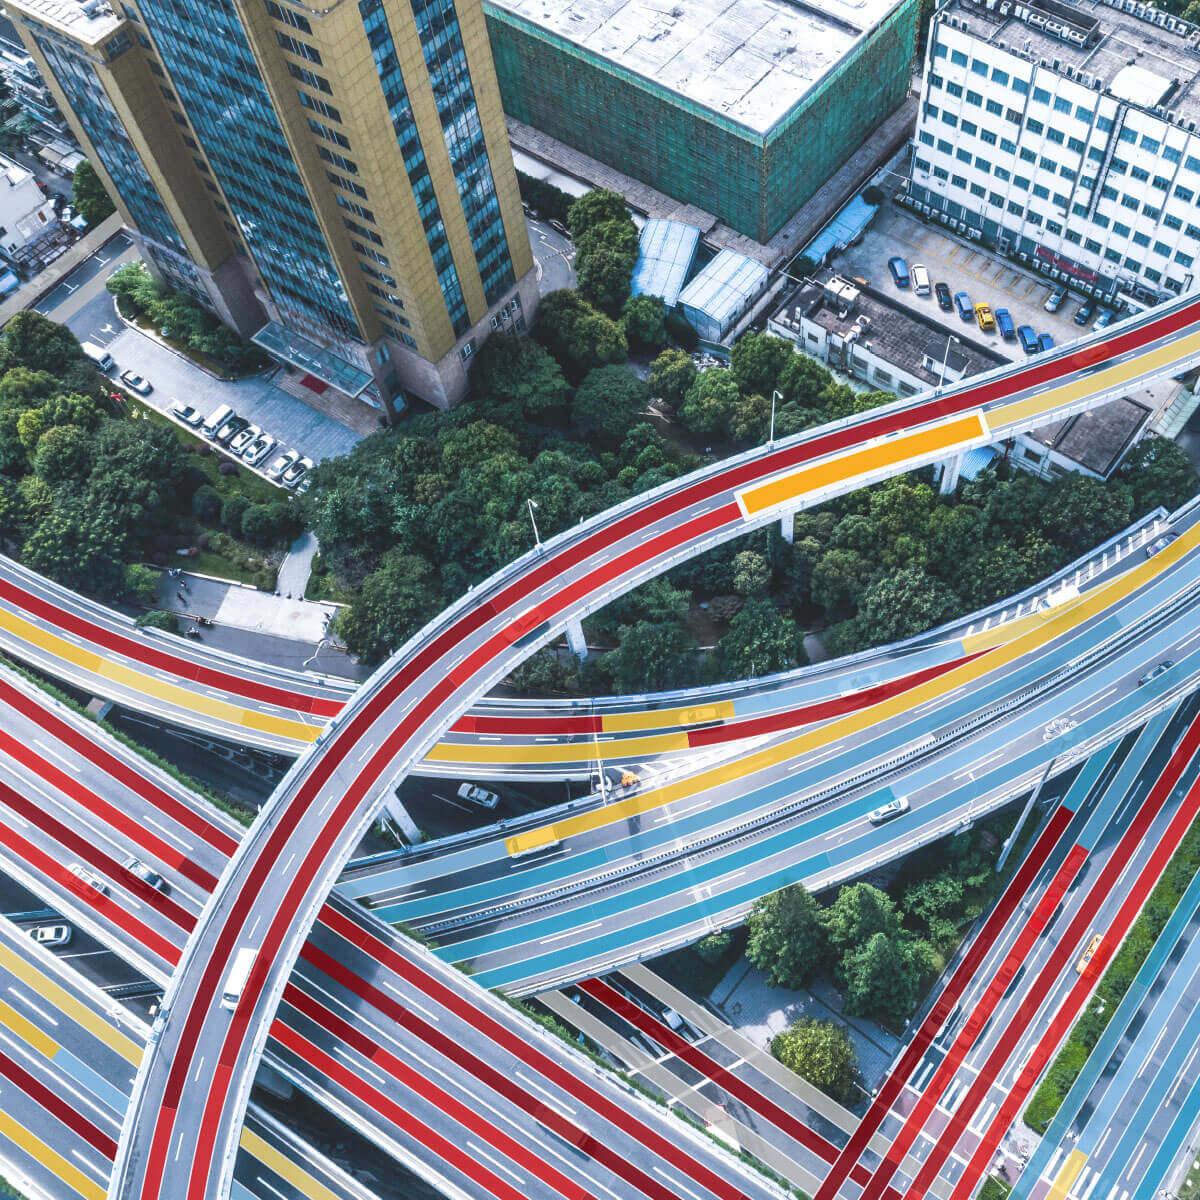 TomTom Traffic analytics